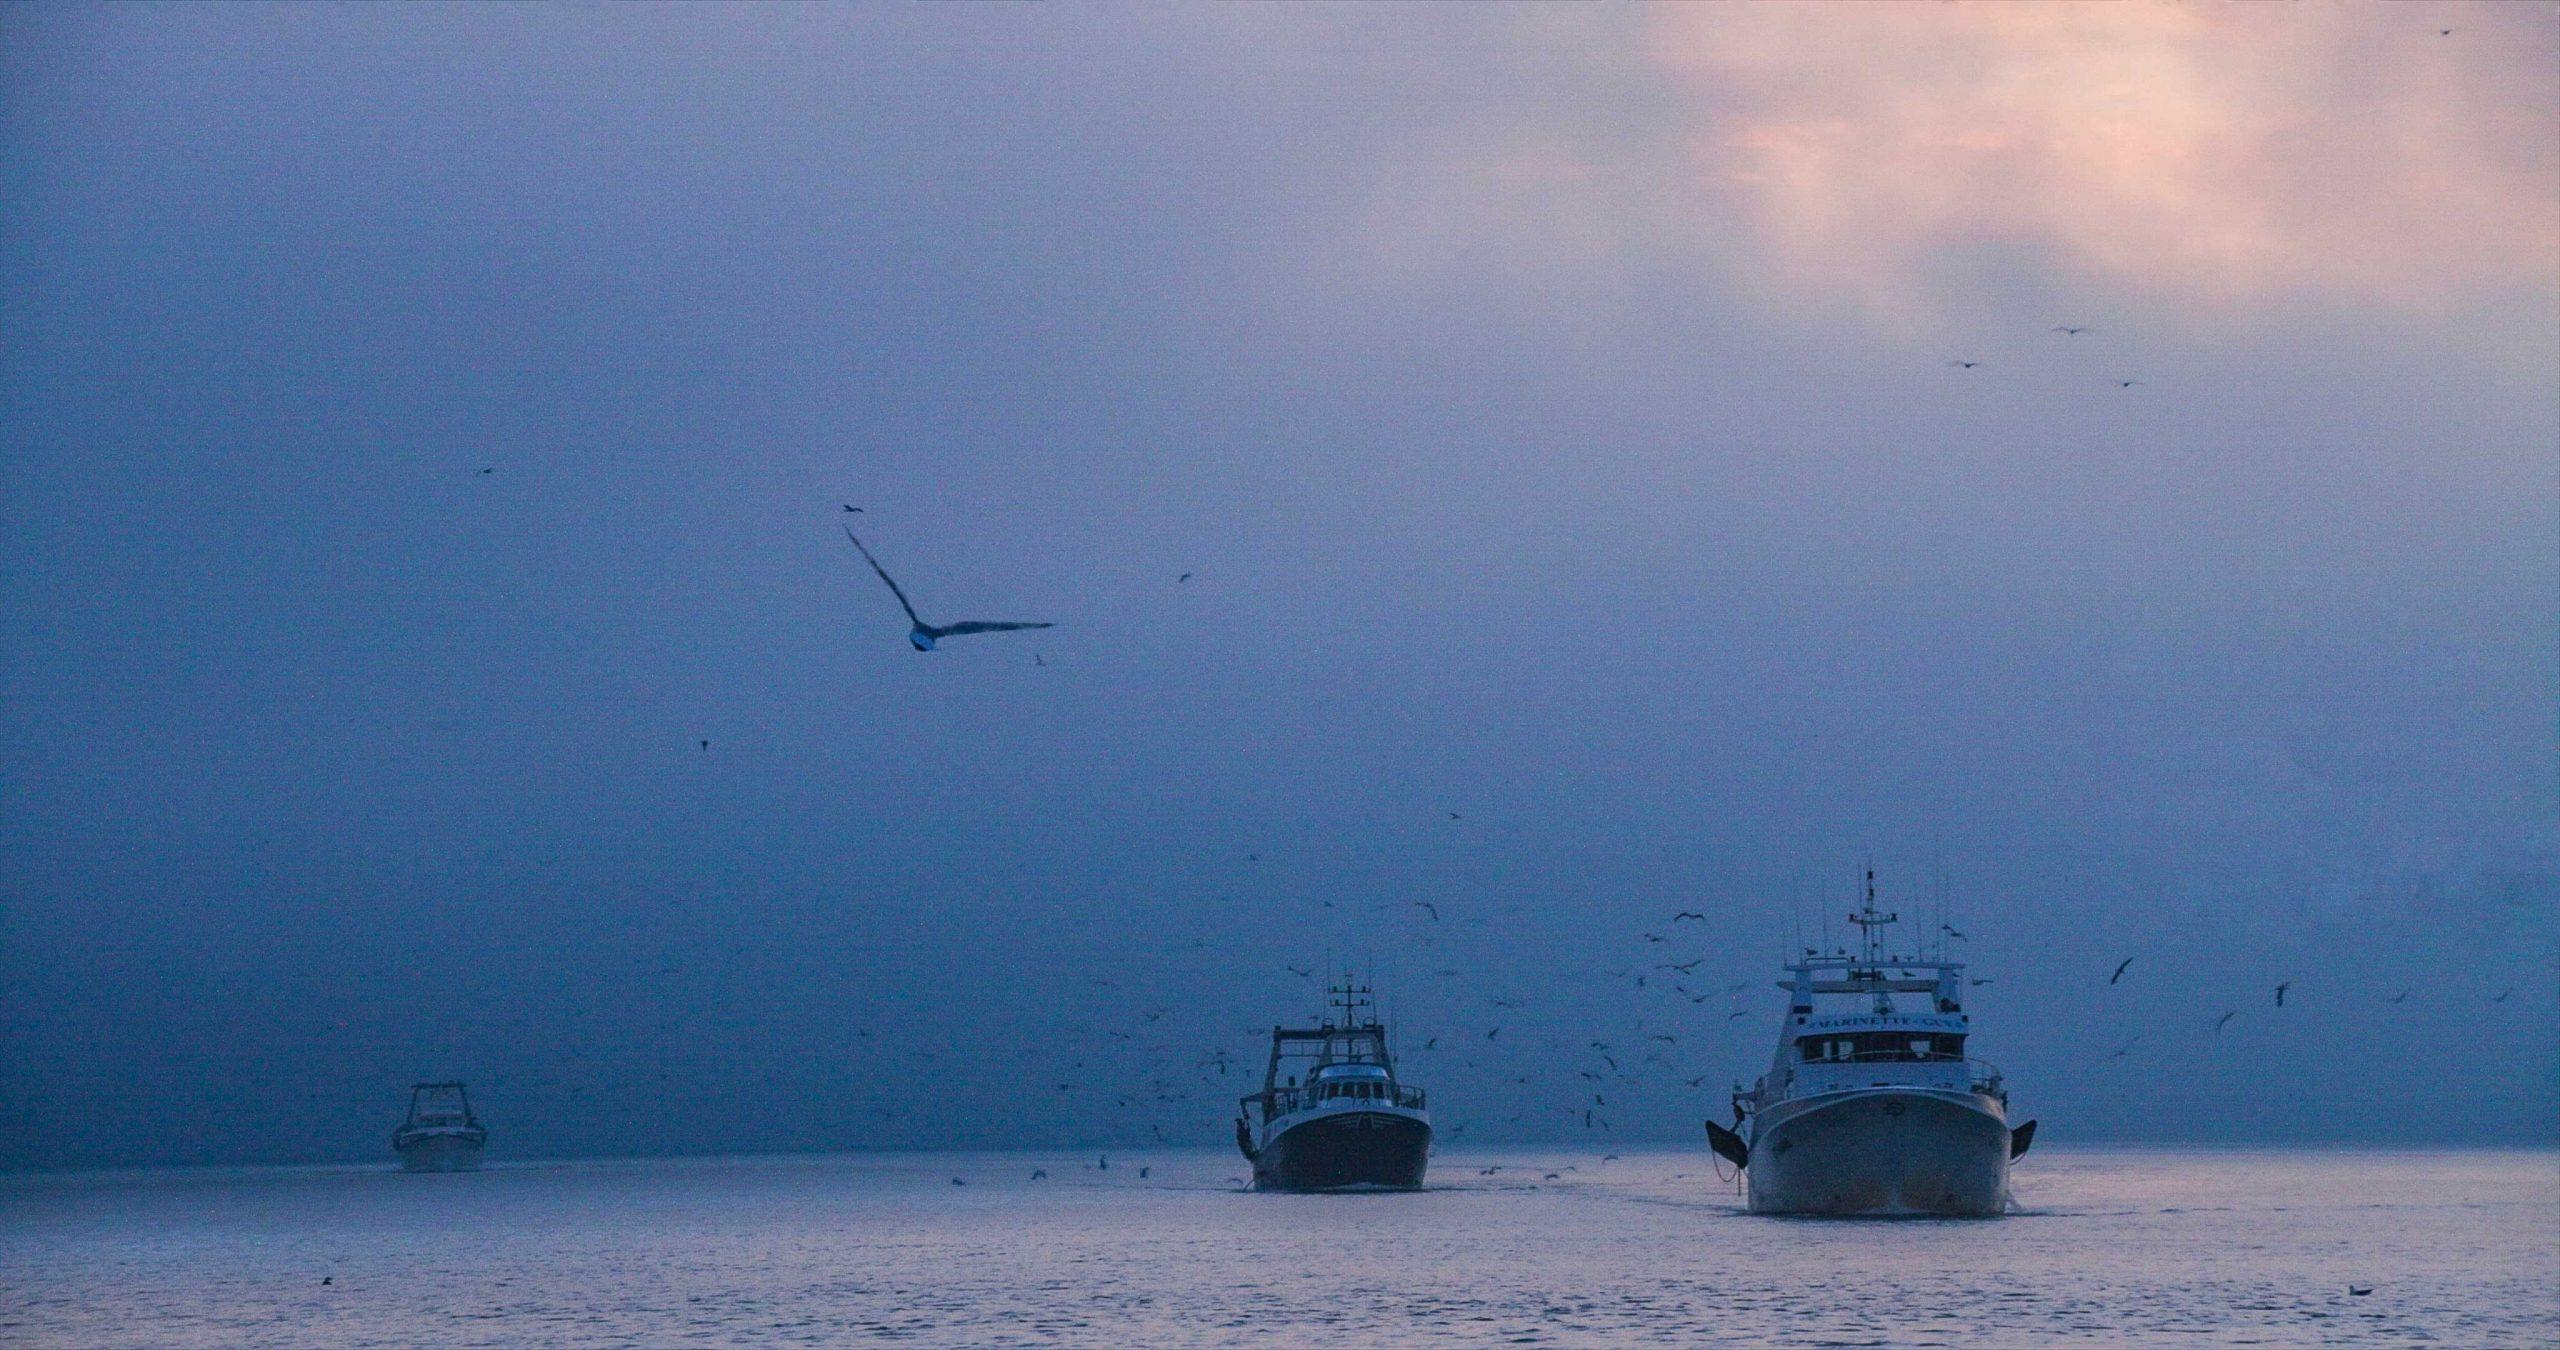 Trawler-Foto bearbeitet mit HDRinstant